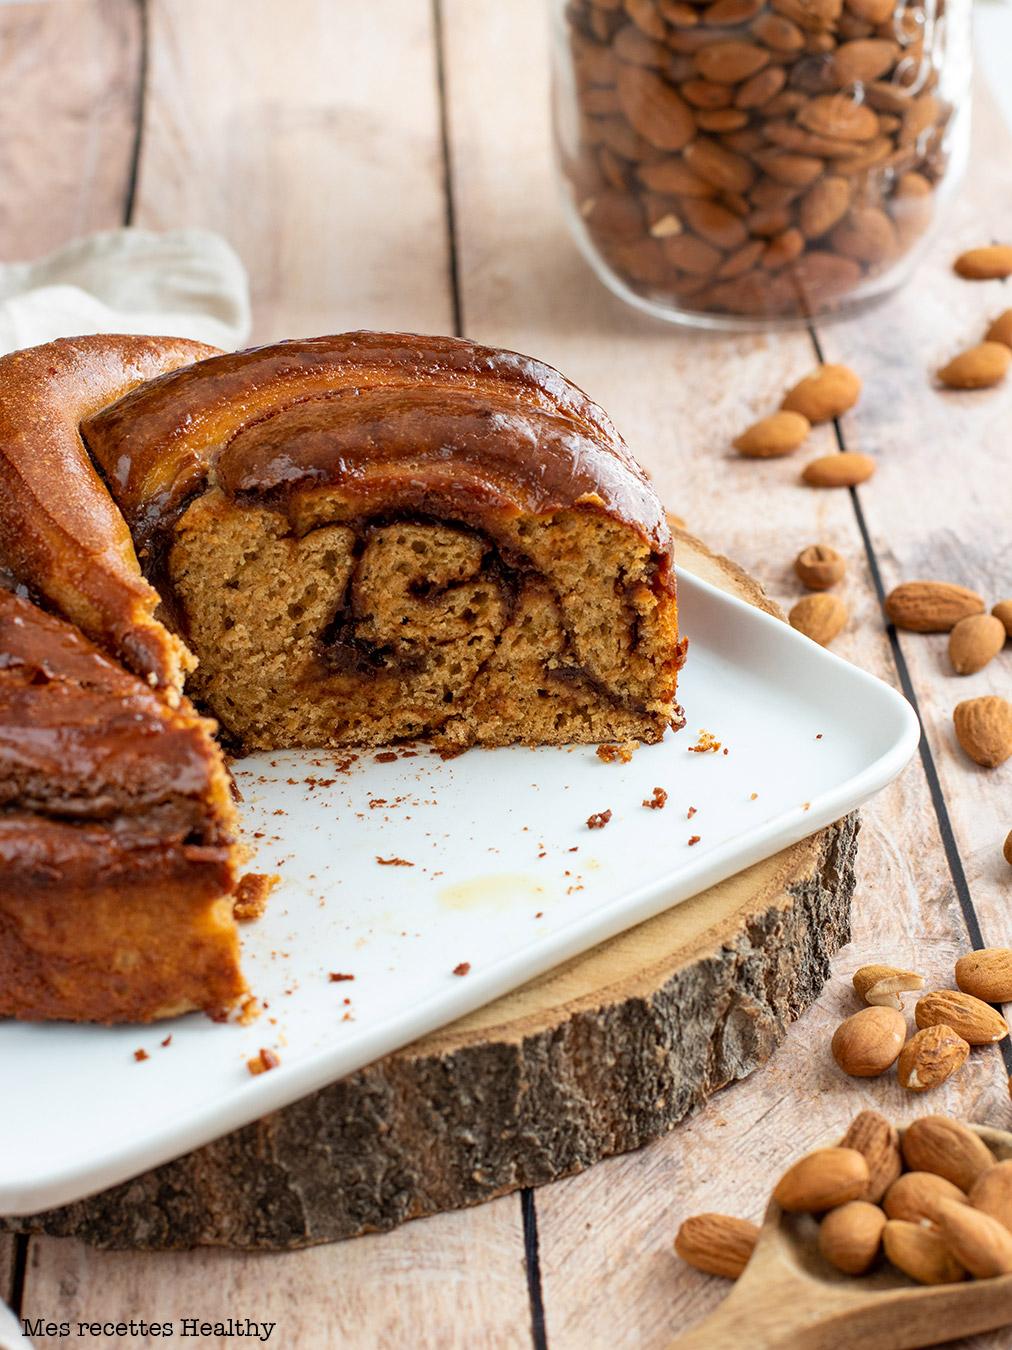 recette healthy-brioche à la pâte à tartiner-chocolat noisette